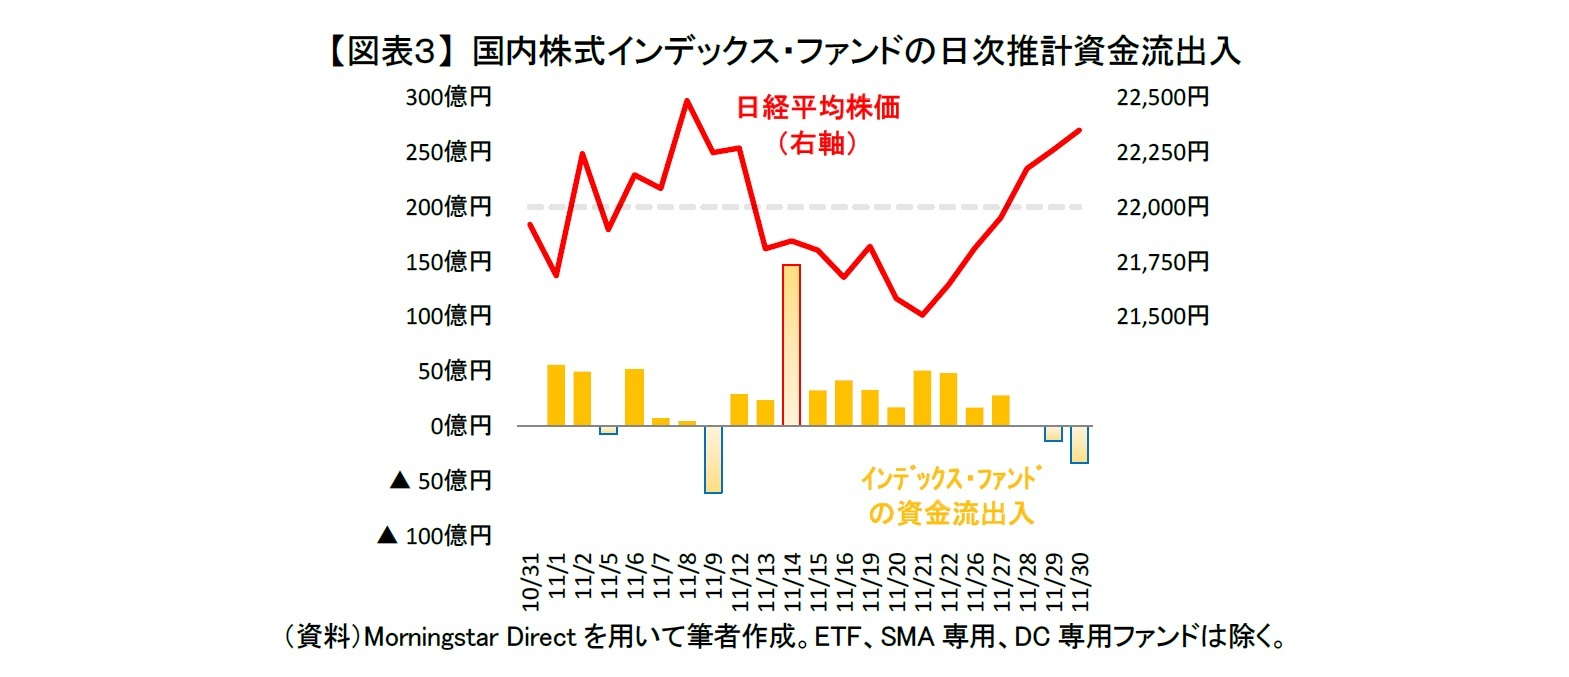 【図表3】 国内株式インデックス・ファンドの日次推計資金流出入